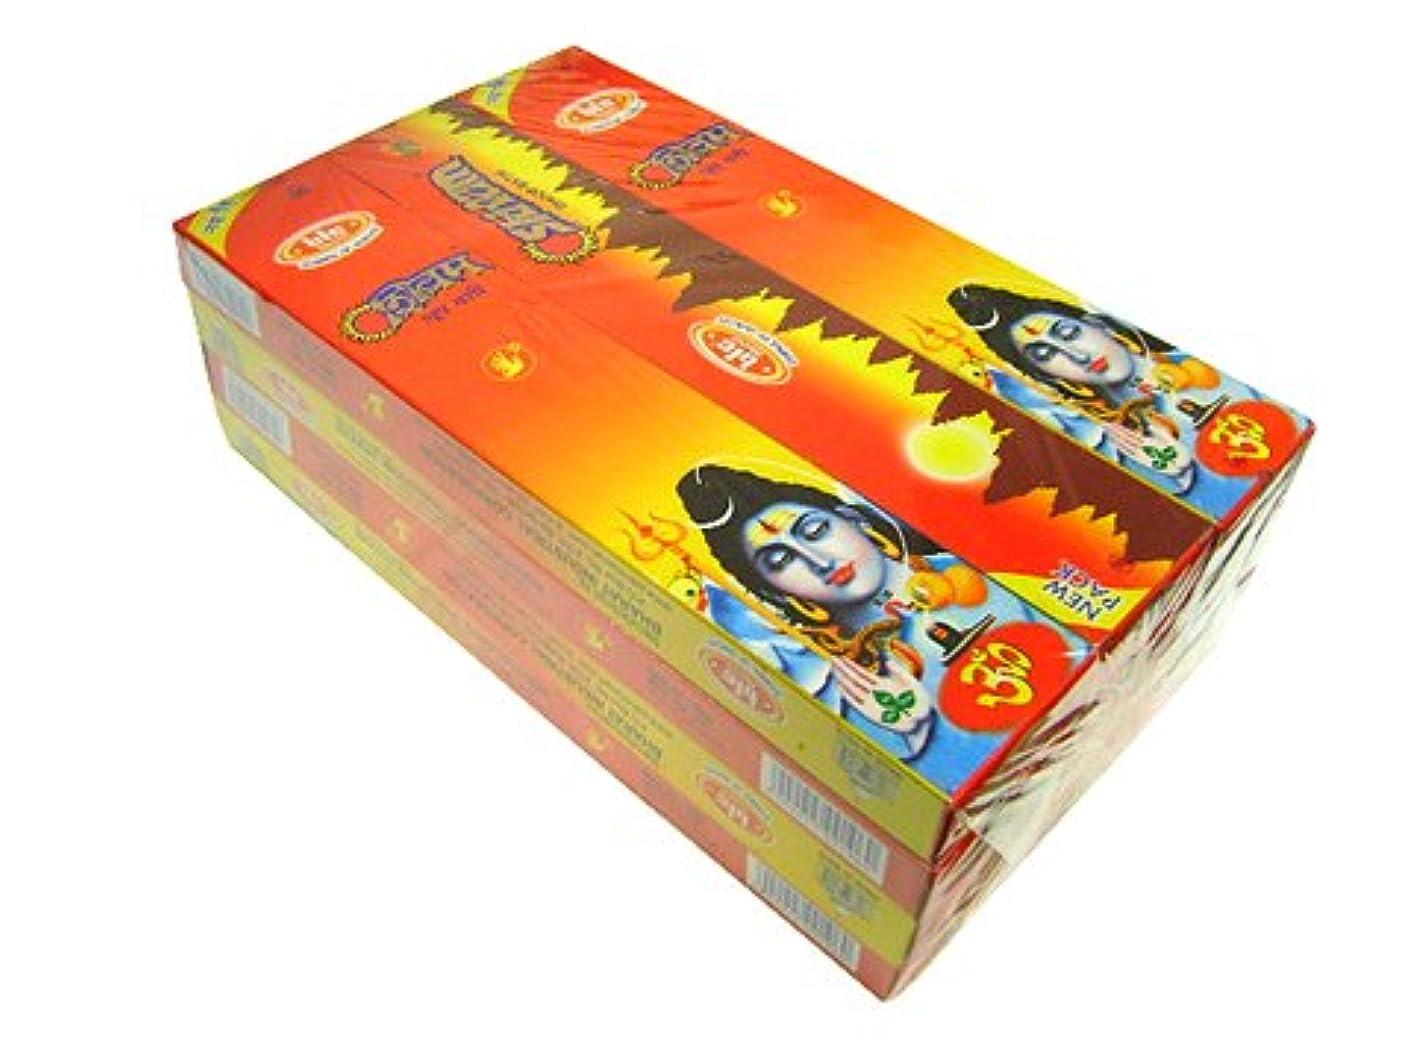 急襲一般的なやむを得ないBIC(ビック) シヴァム香(レギュラーボックス) スティック SHIVAM REG BOX 12箱セット